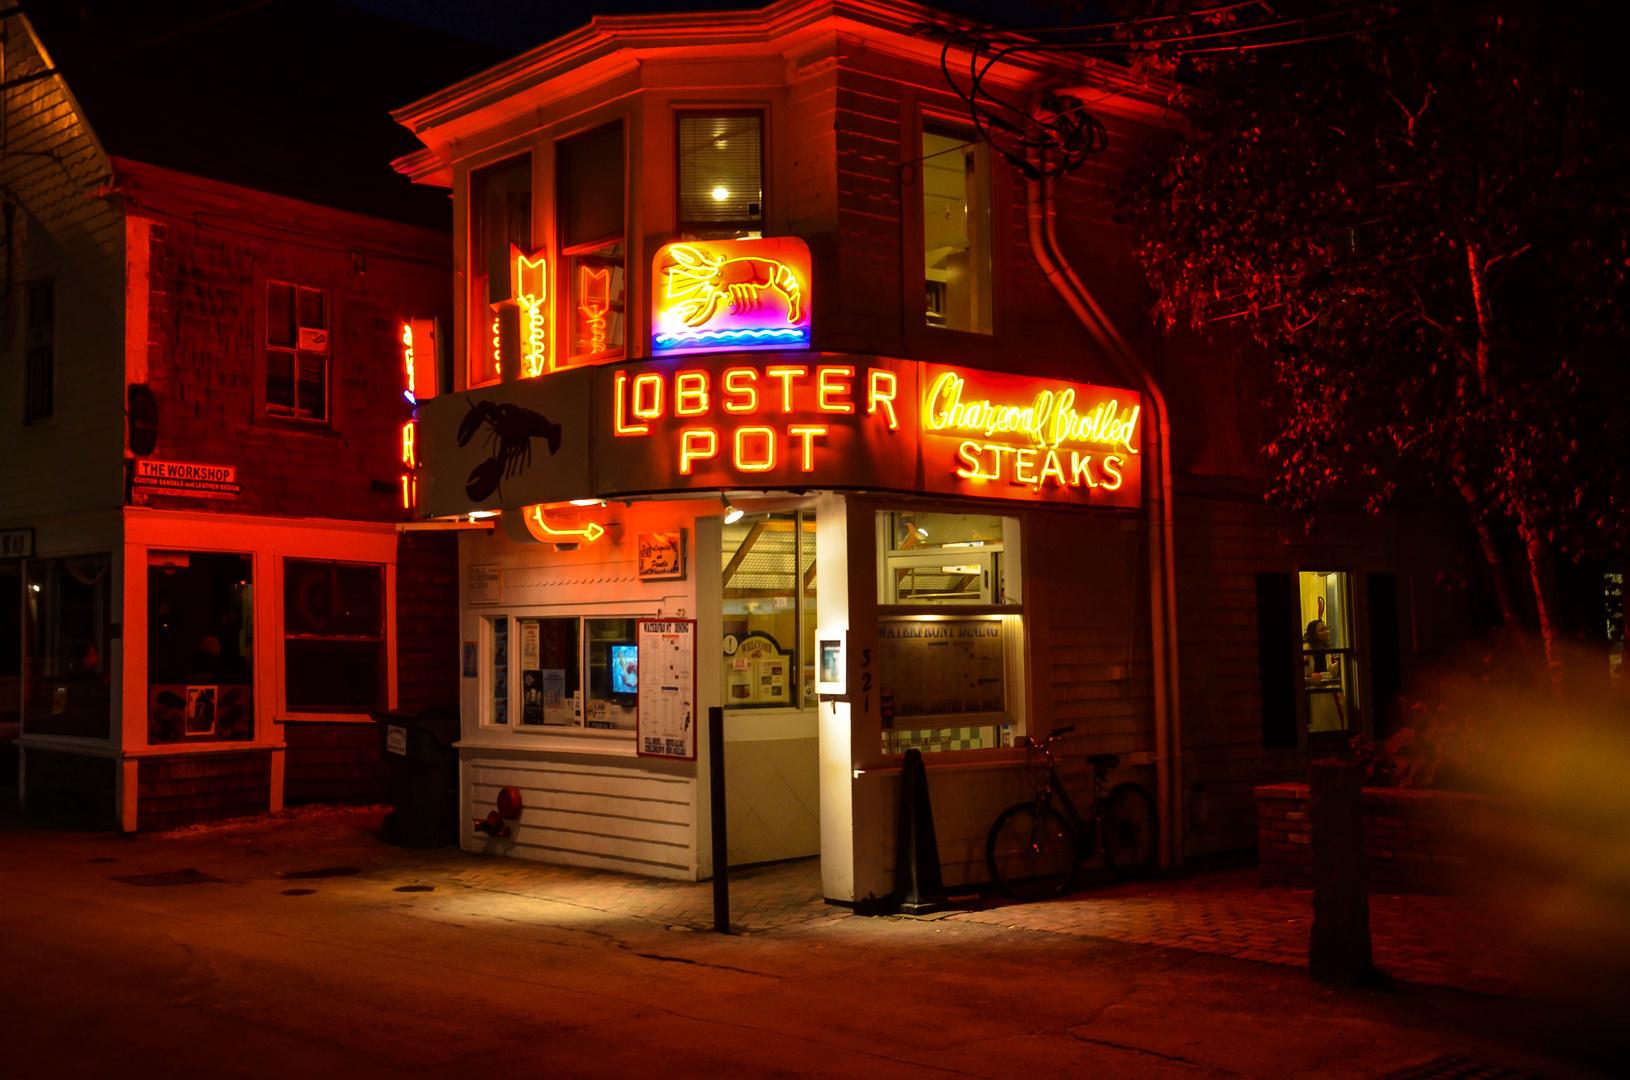 Der Lobster Pot in Provincetown